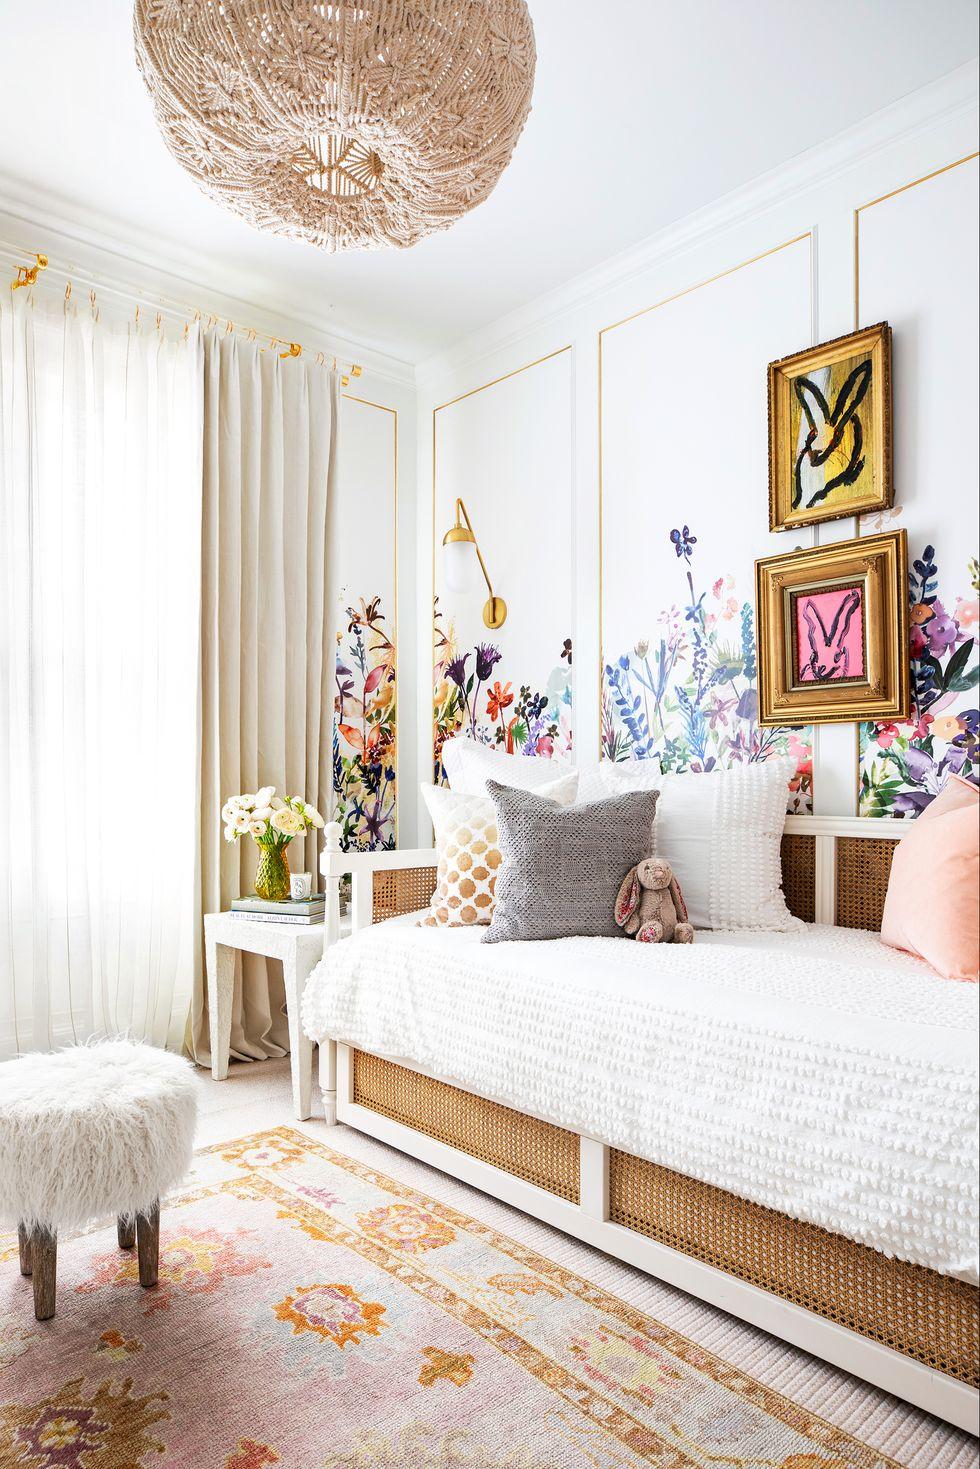 زهور بجدران الغرفة